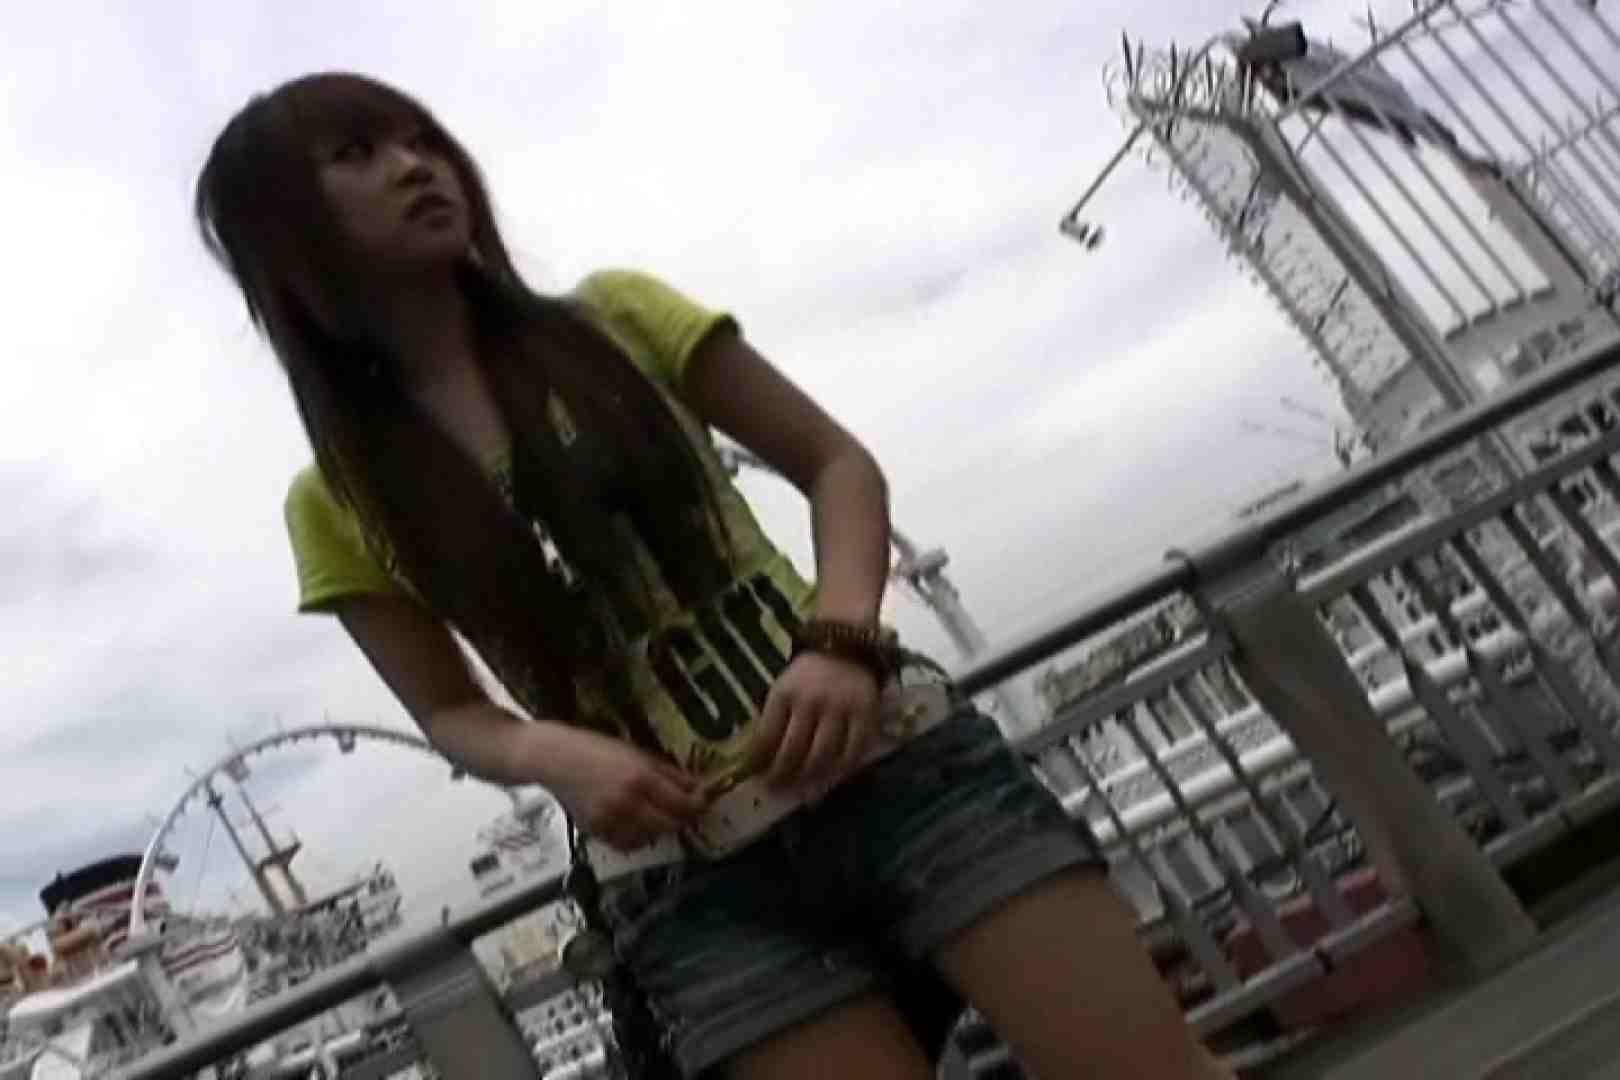 ハイビジョンパンチラ オッテQさんの追跡パンチラ夜の街編 追跡 オマンコ無修正動画無料 108pic 59